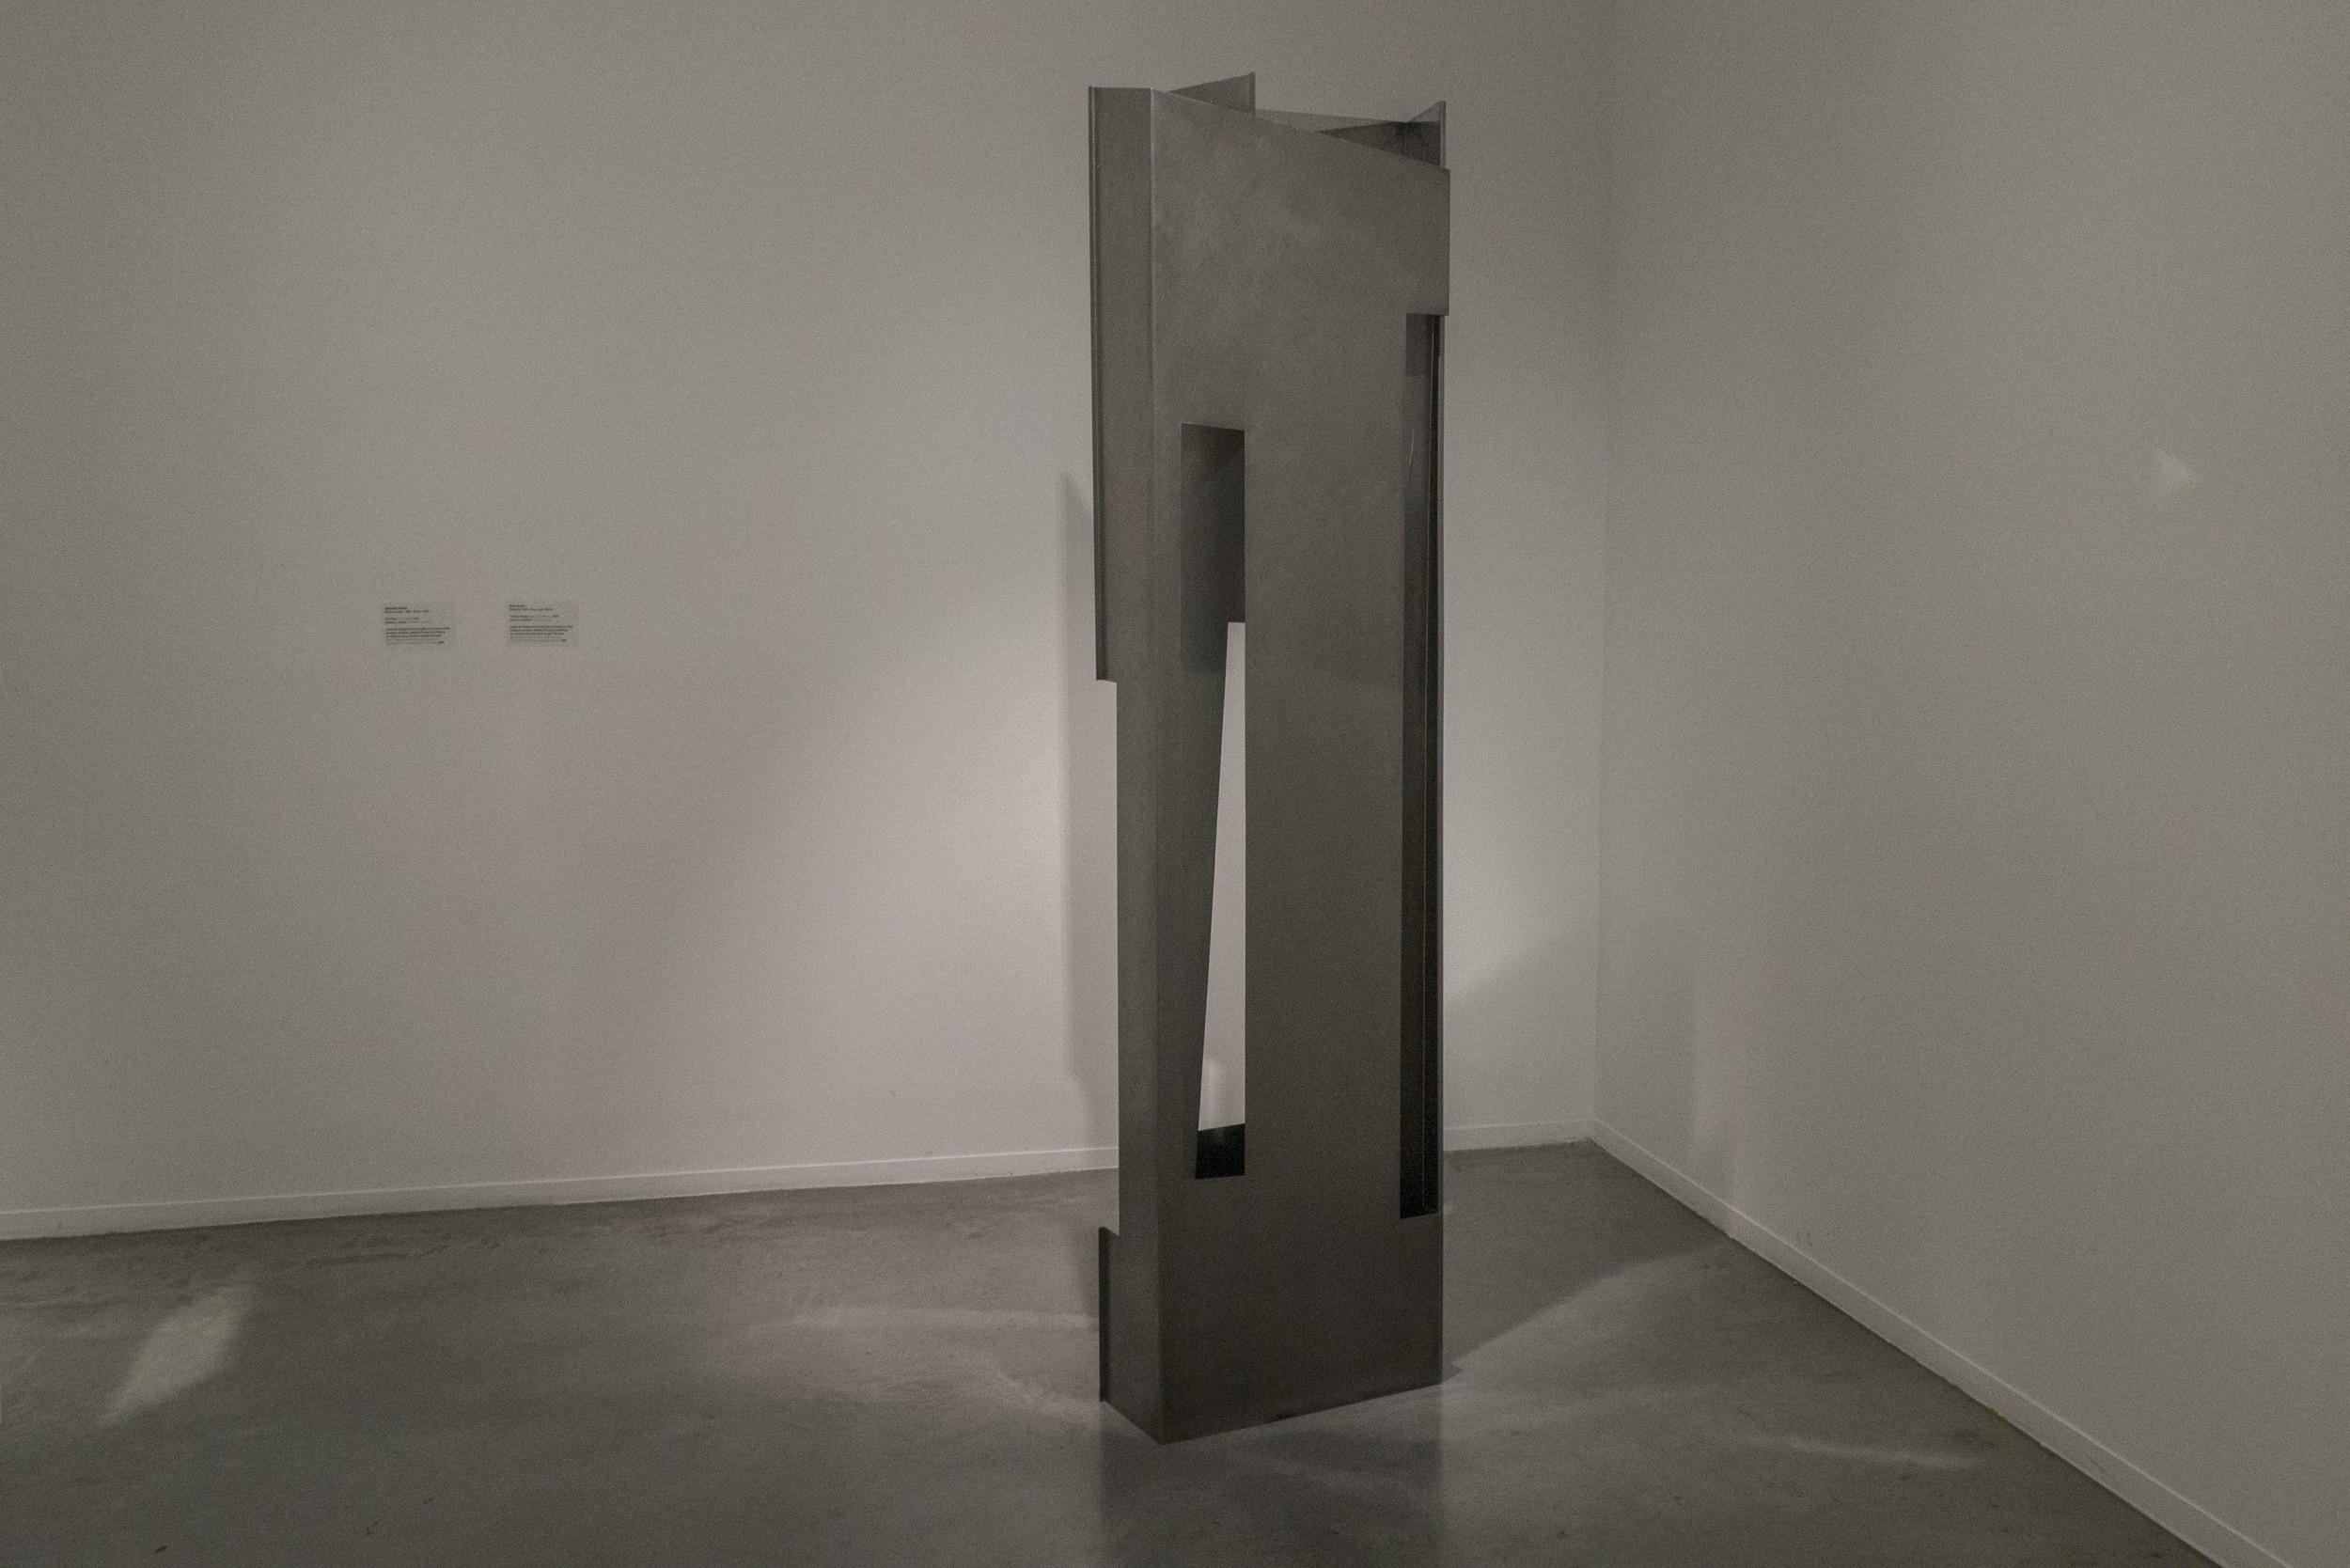 Interior Exterior. 1969. Acero inoxidable. Coleccion del Museo de Arte Moderno de Buenos Aires. Donacion de Josefina Pirovano. Foto: Leonardo Antoniadis